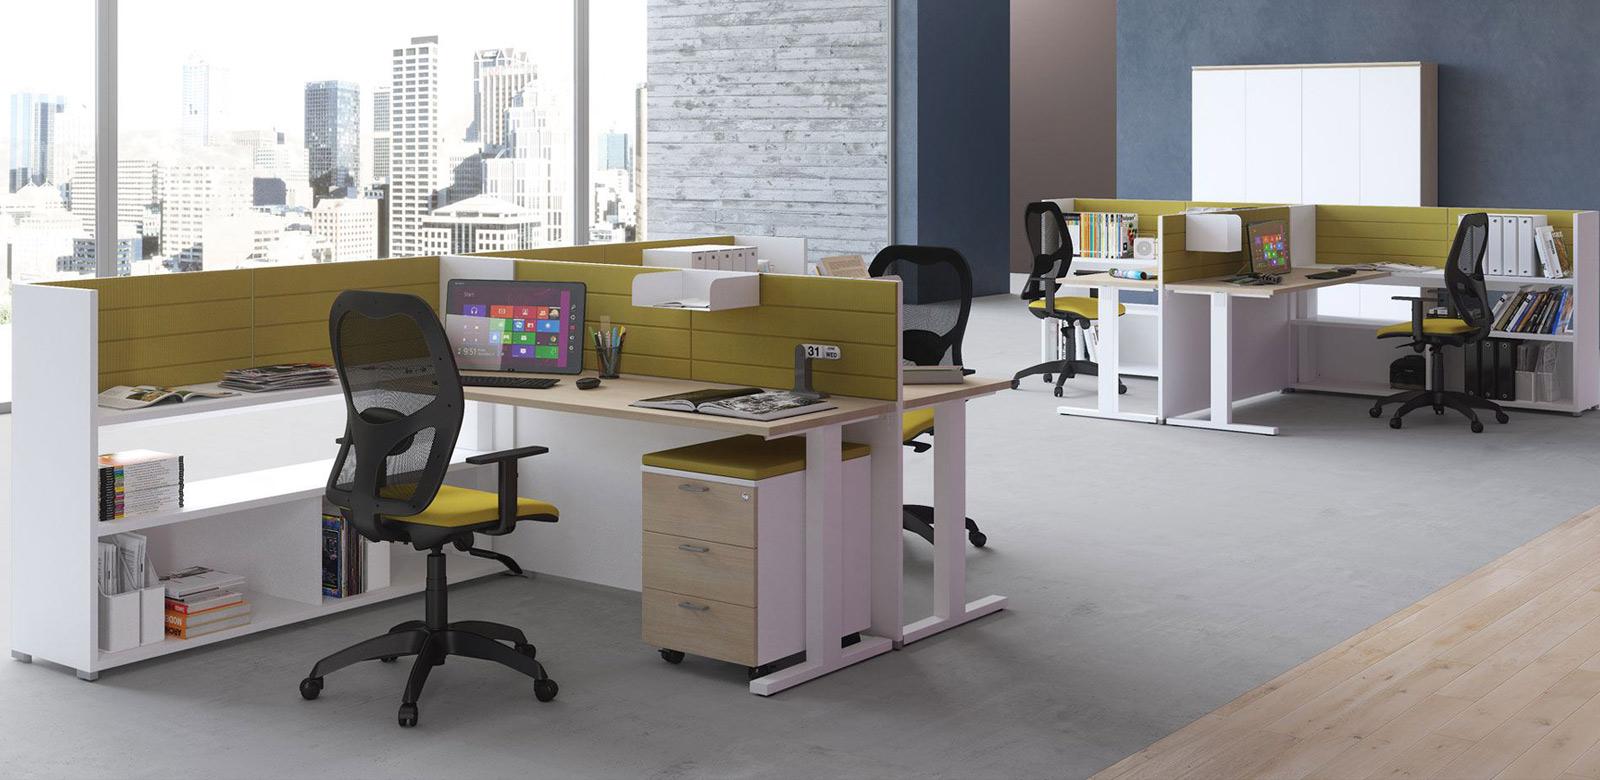 Arredo ufficio arredamento e mobili per ufficio su misura for Mobili x ufficio economici